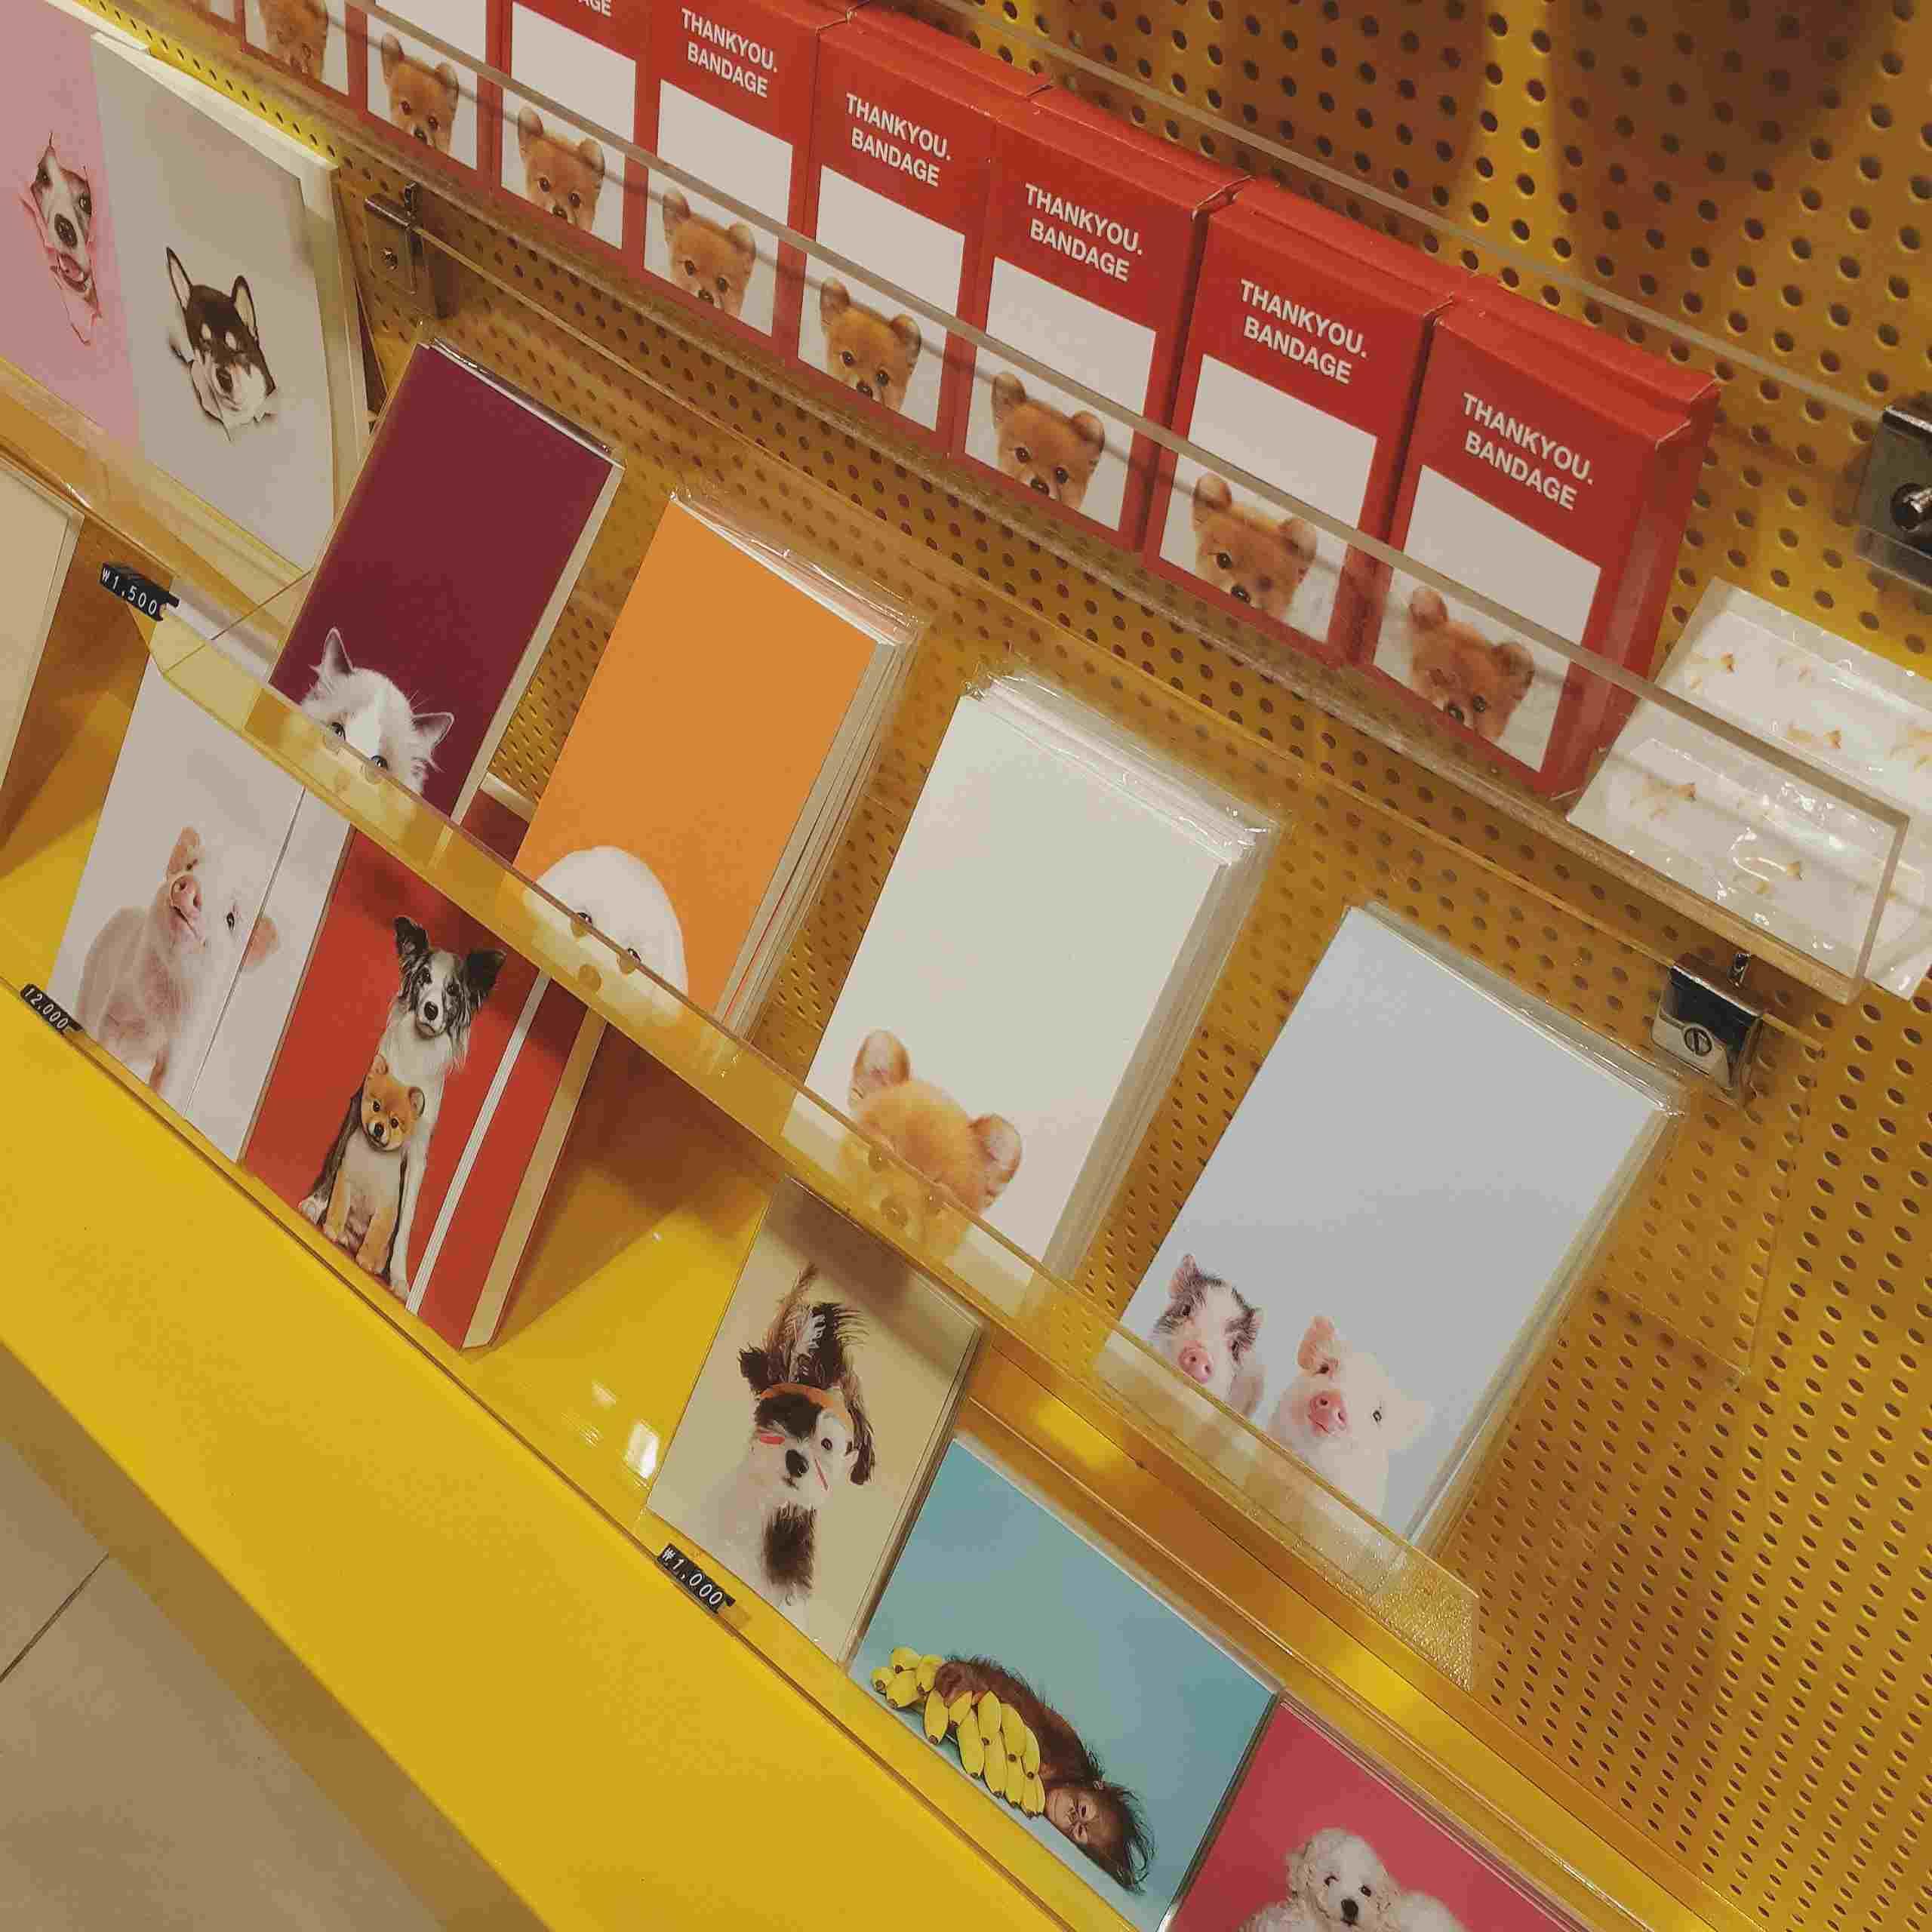 除了膠片相機以外,這裏也有售賣官網上有的商品。例如thankyou系列的筆記本